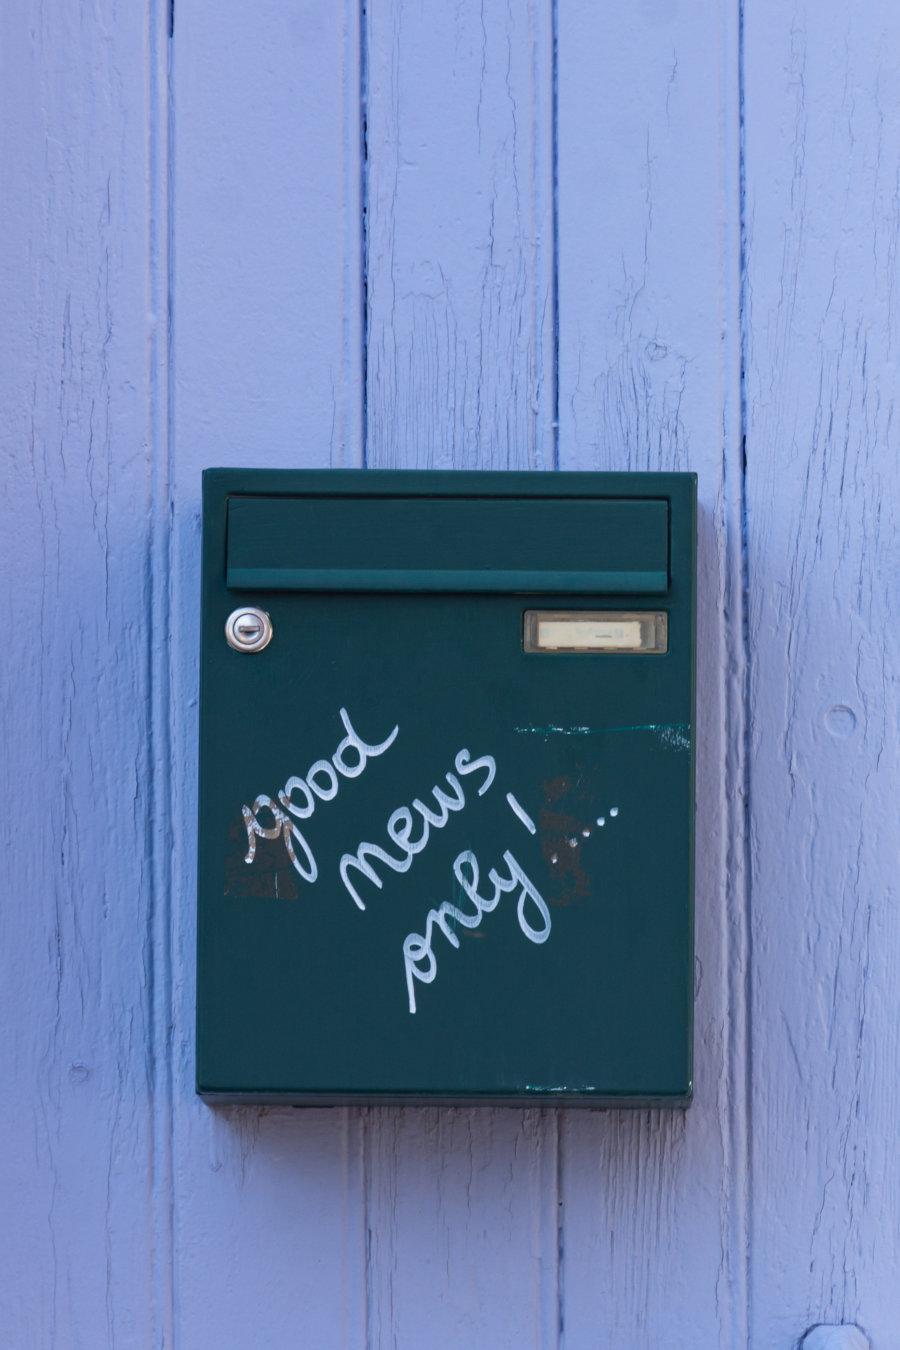 Boîte aux lettres positive